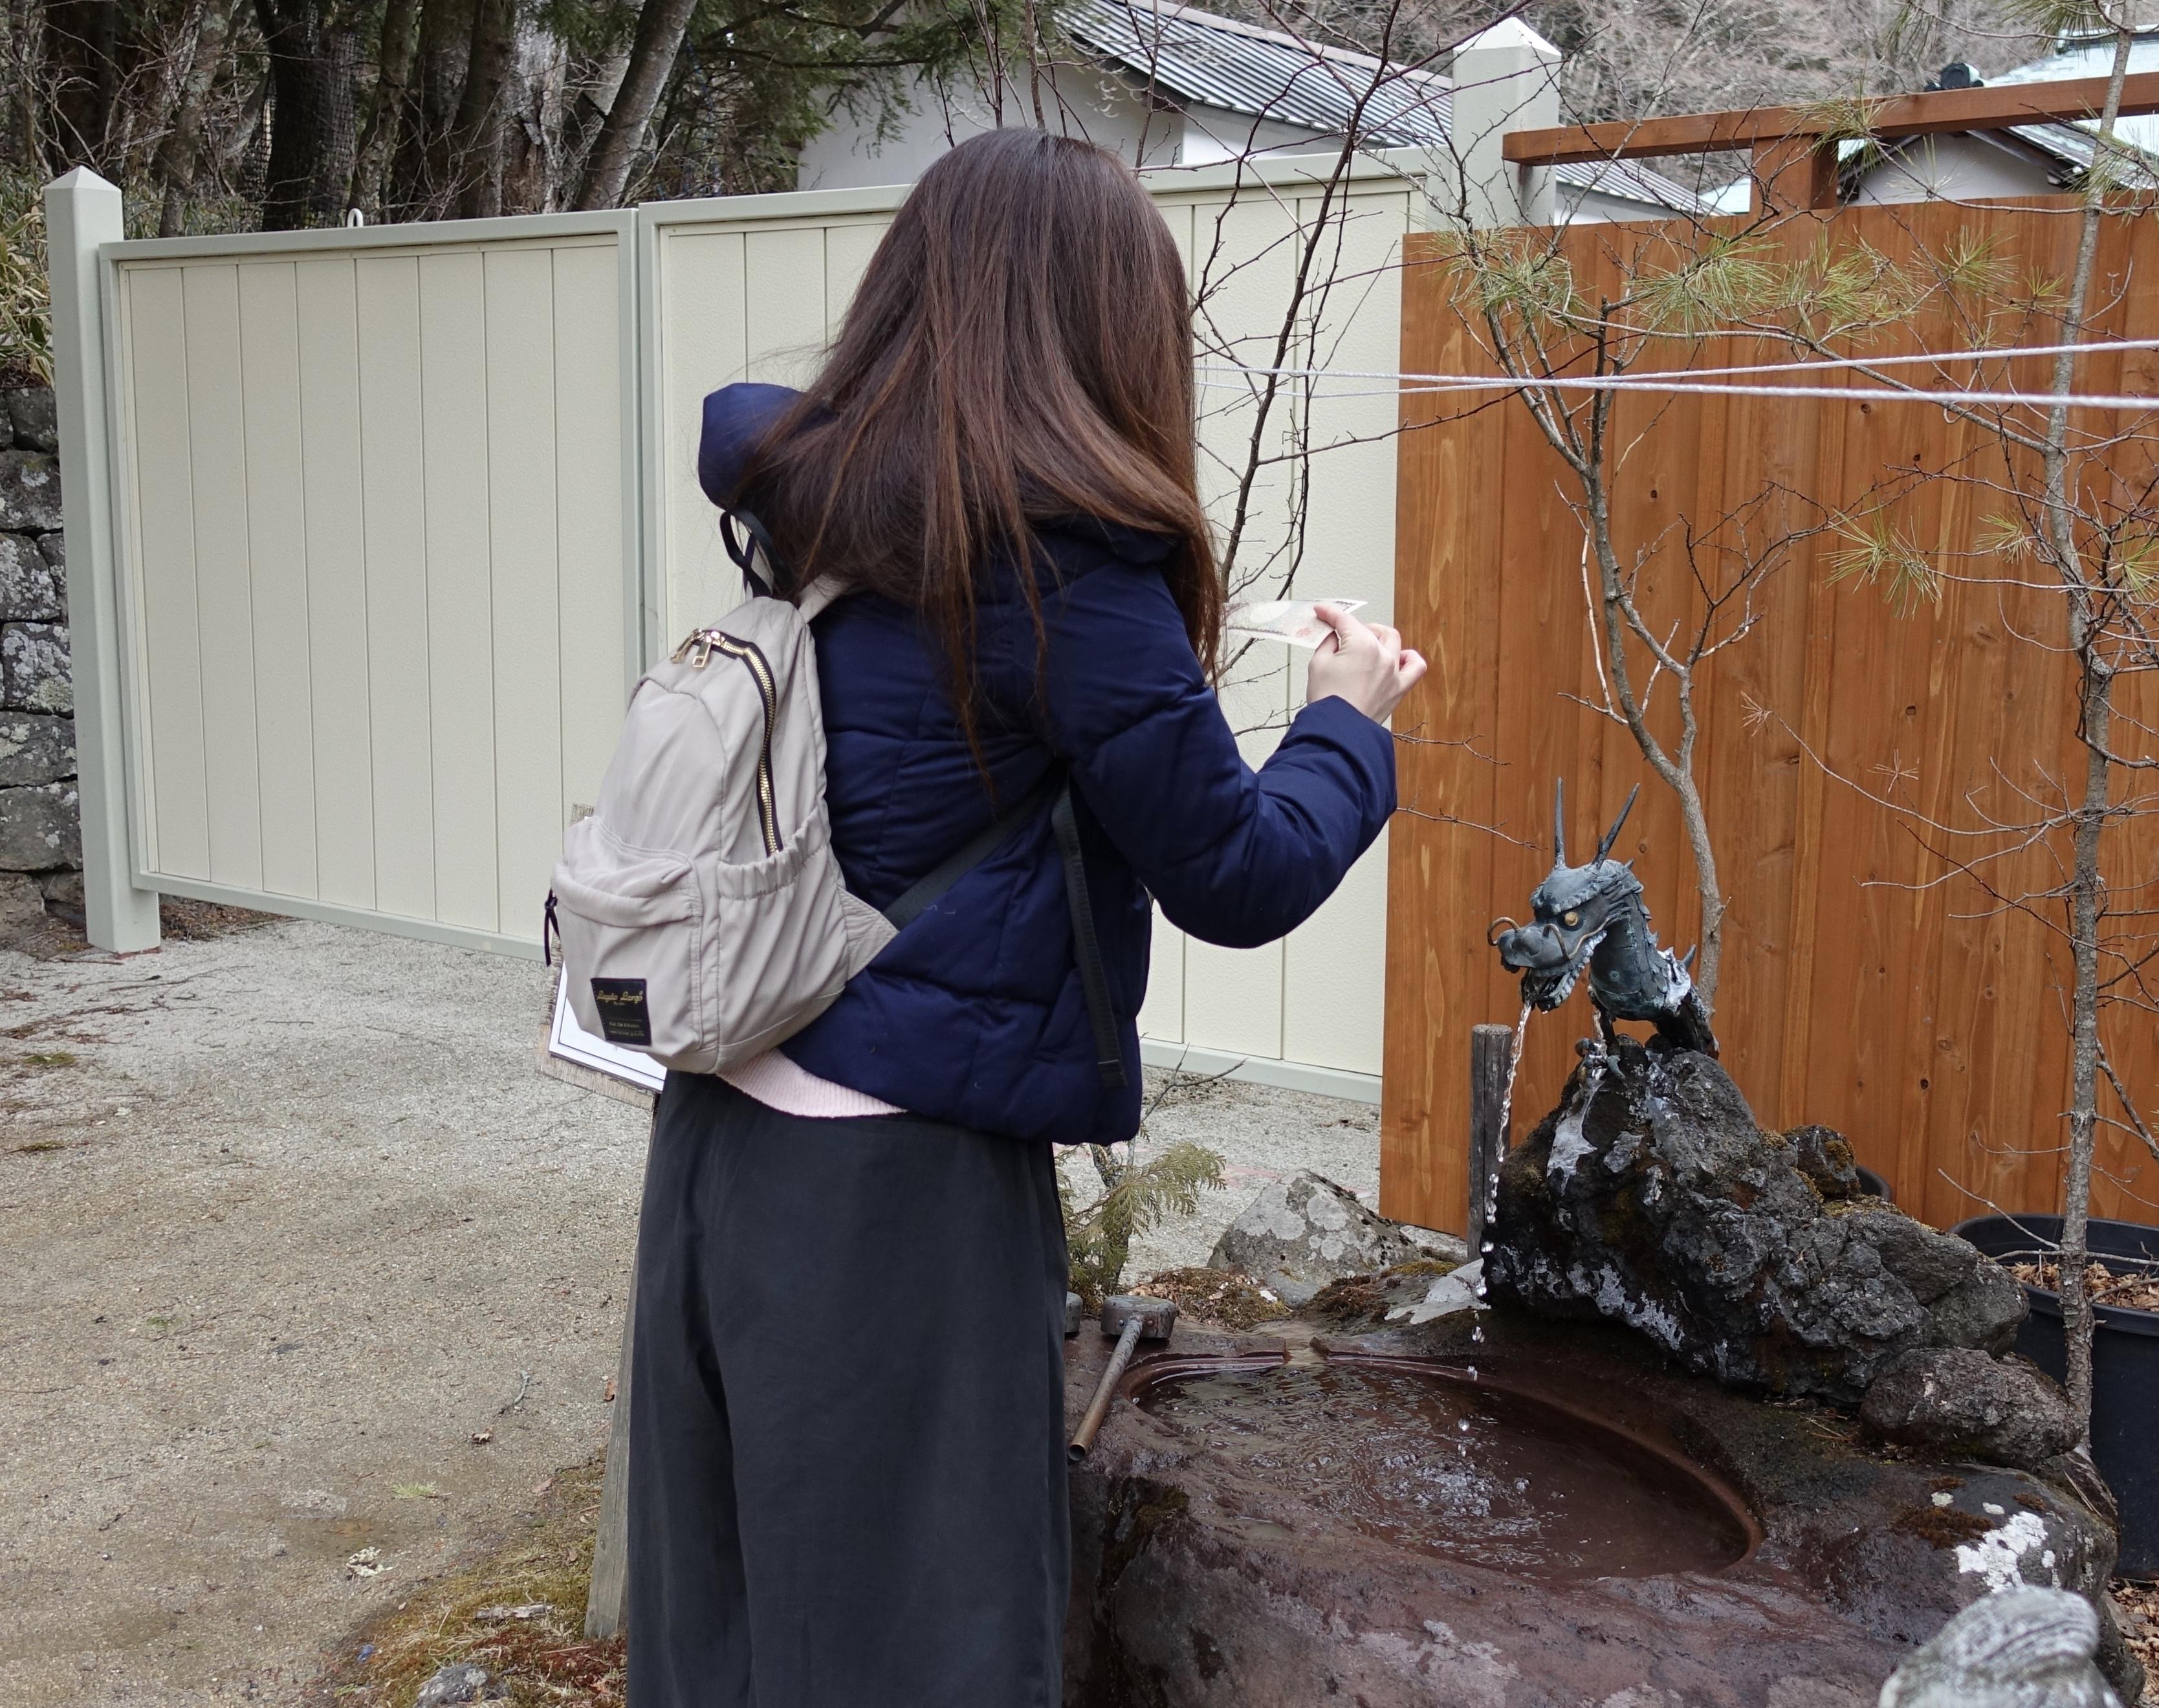 日光二荒山神社 中宮祠の龍神さまの聖水でお金が増えるようにしっかりとお清めしました(笑)